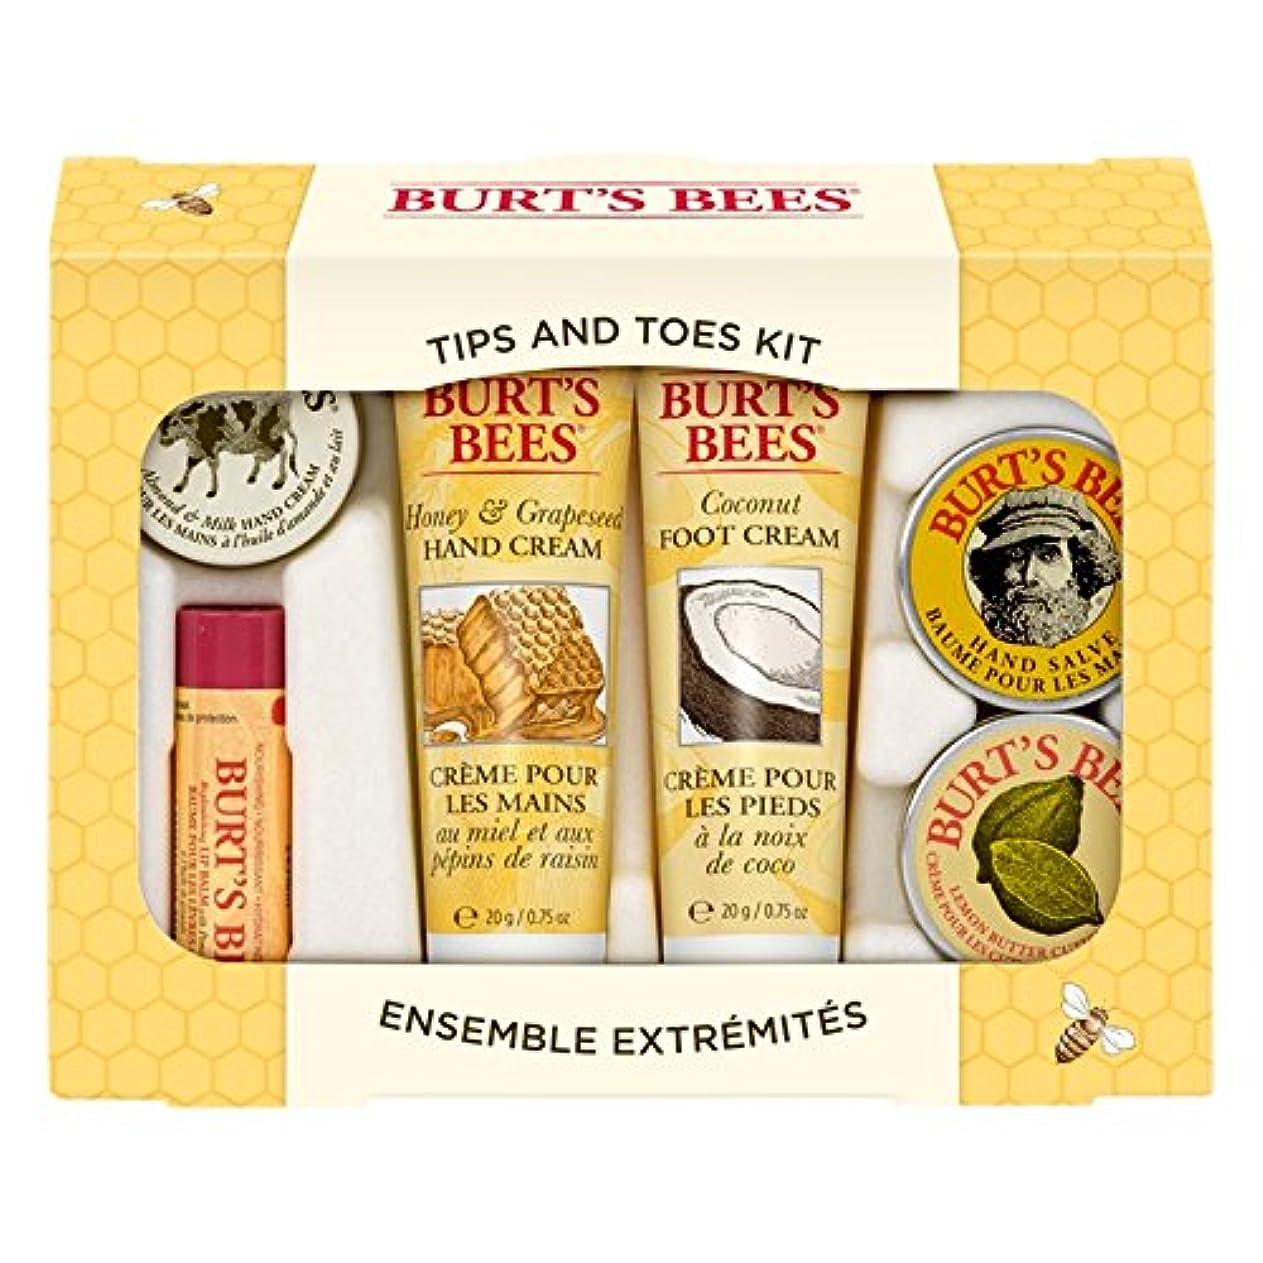 近似続ける八百屋さんバーツビーのヒントとつま先はスターターキットをスキンケア (Burt's Bees) - Burt's Bees Tips And Toes Skincare Starter Kit [並行輸入品]